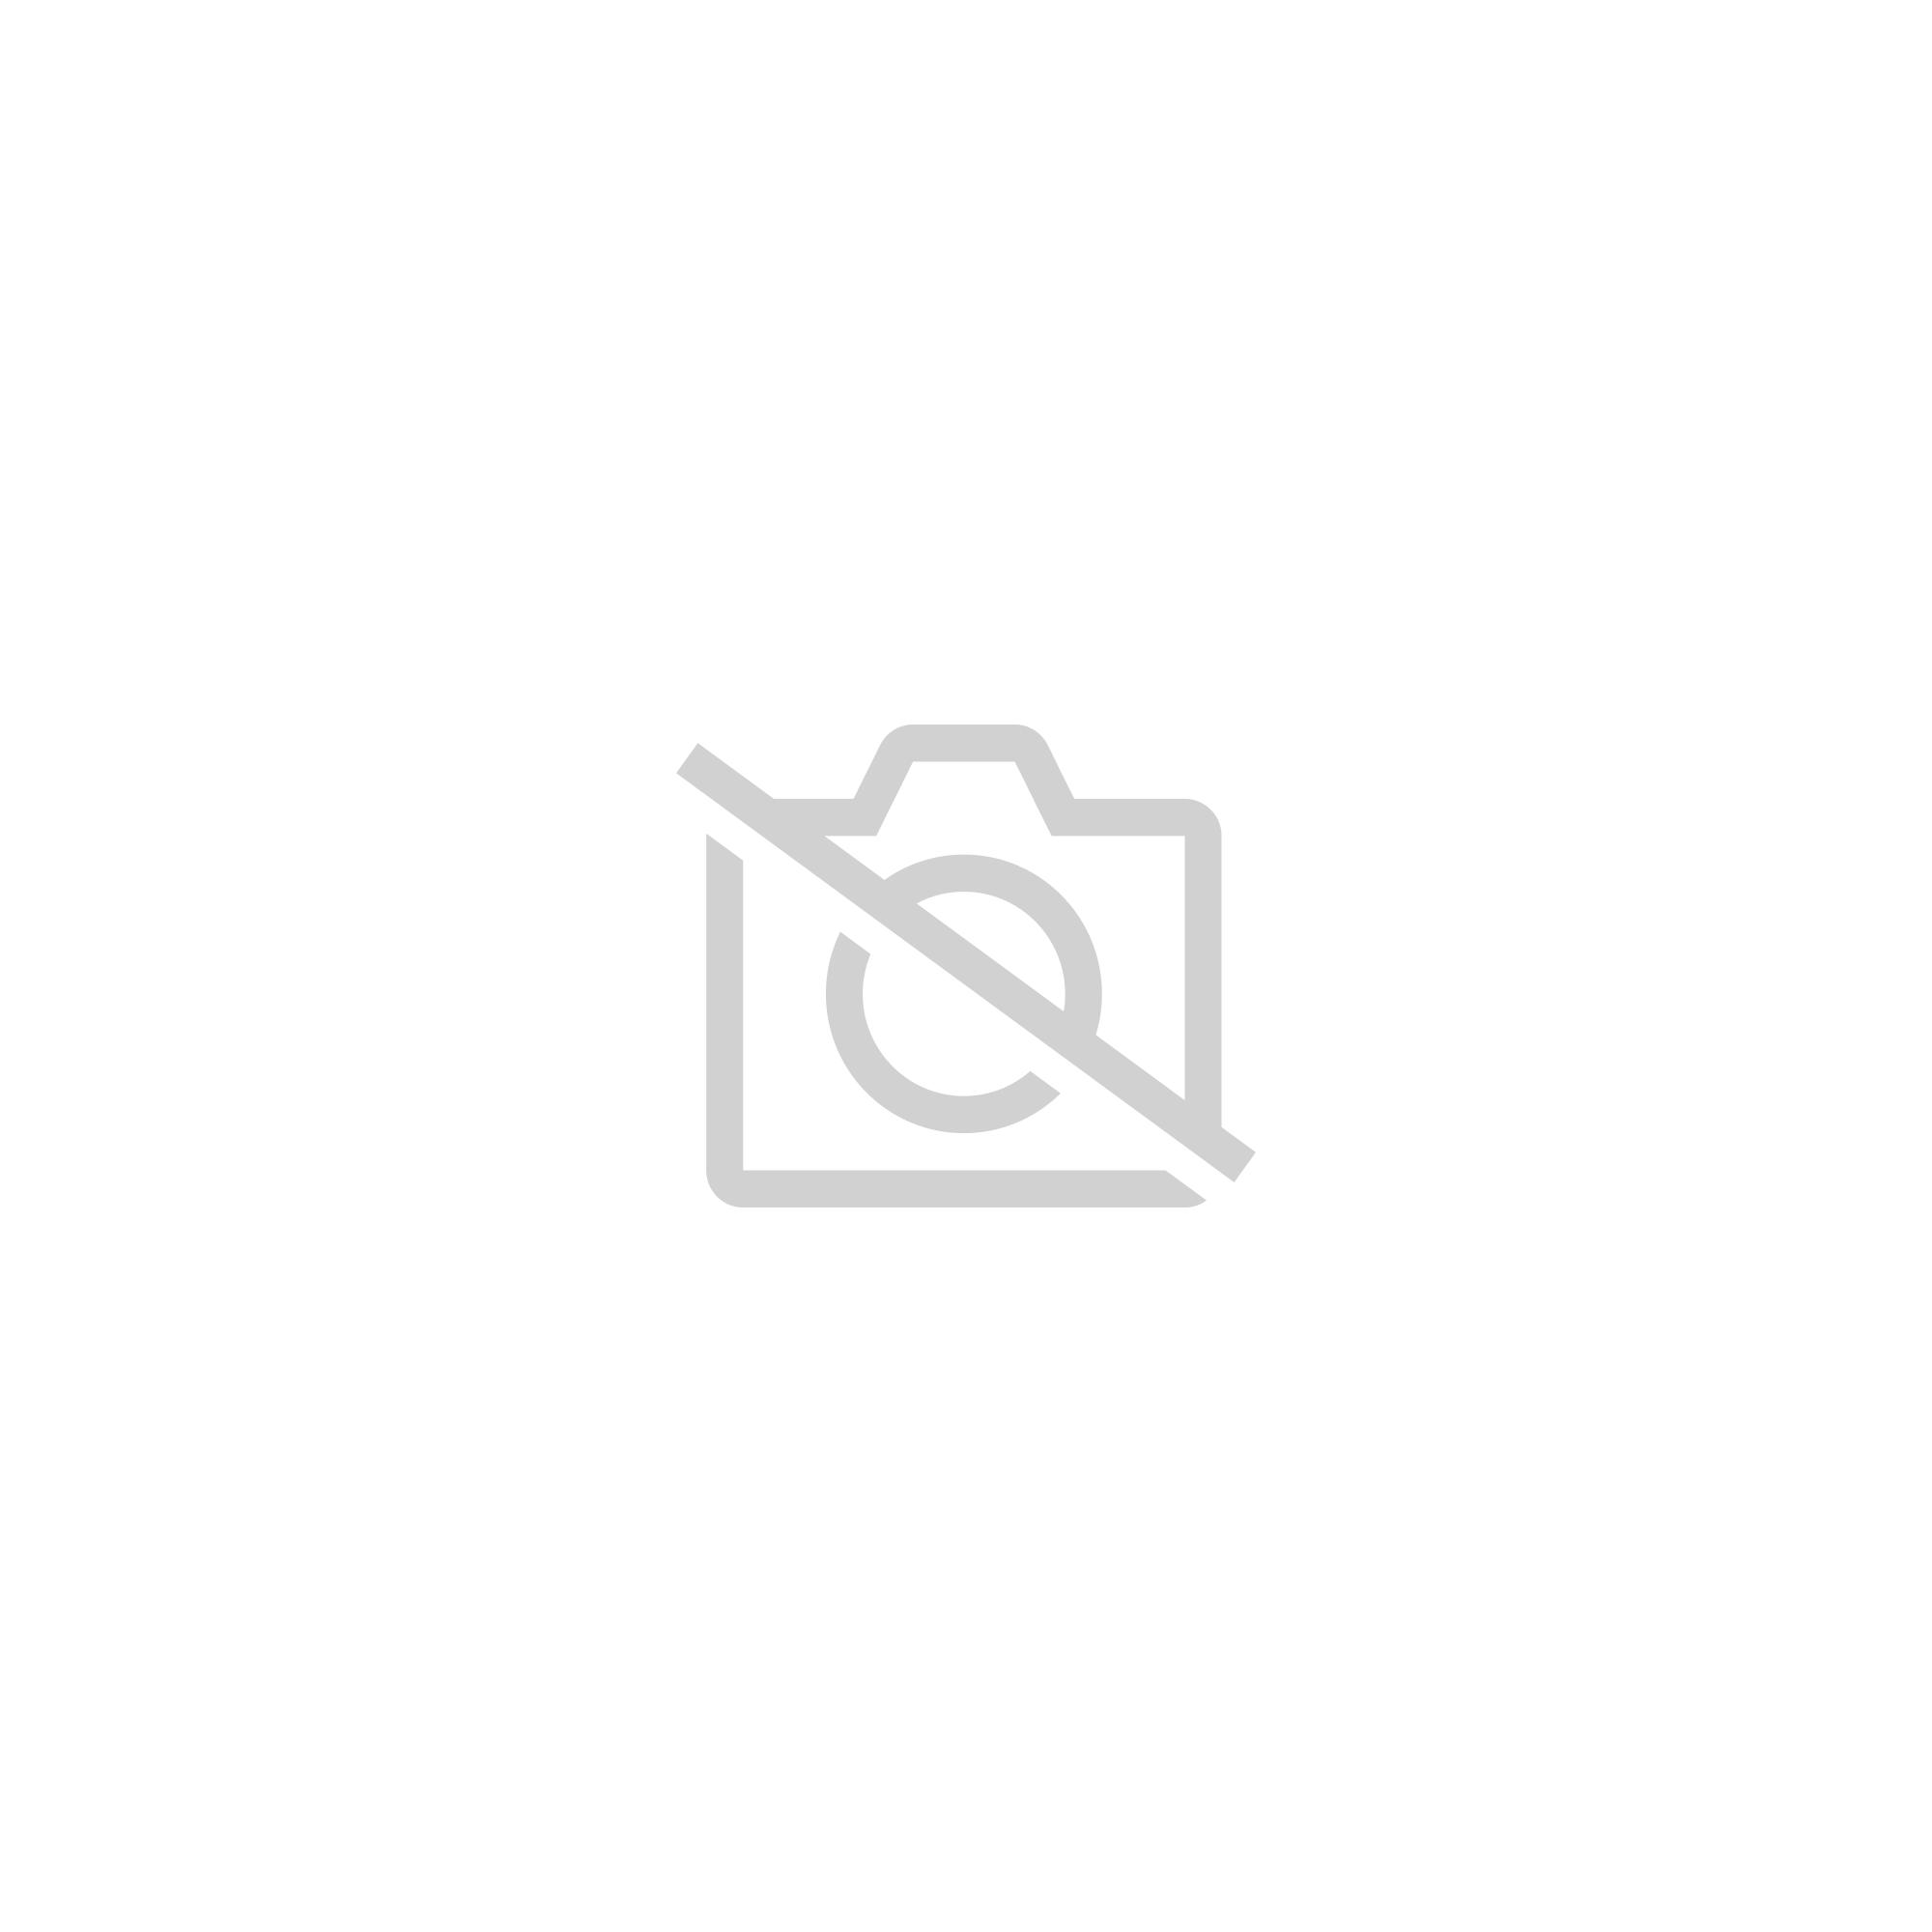 Cafetière À piston 3 tasses bodum java noire